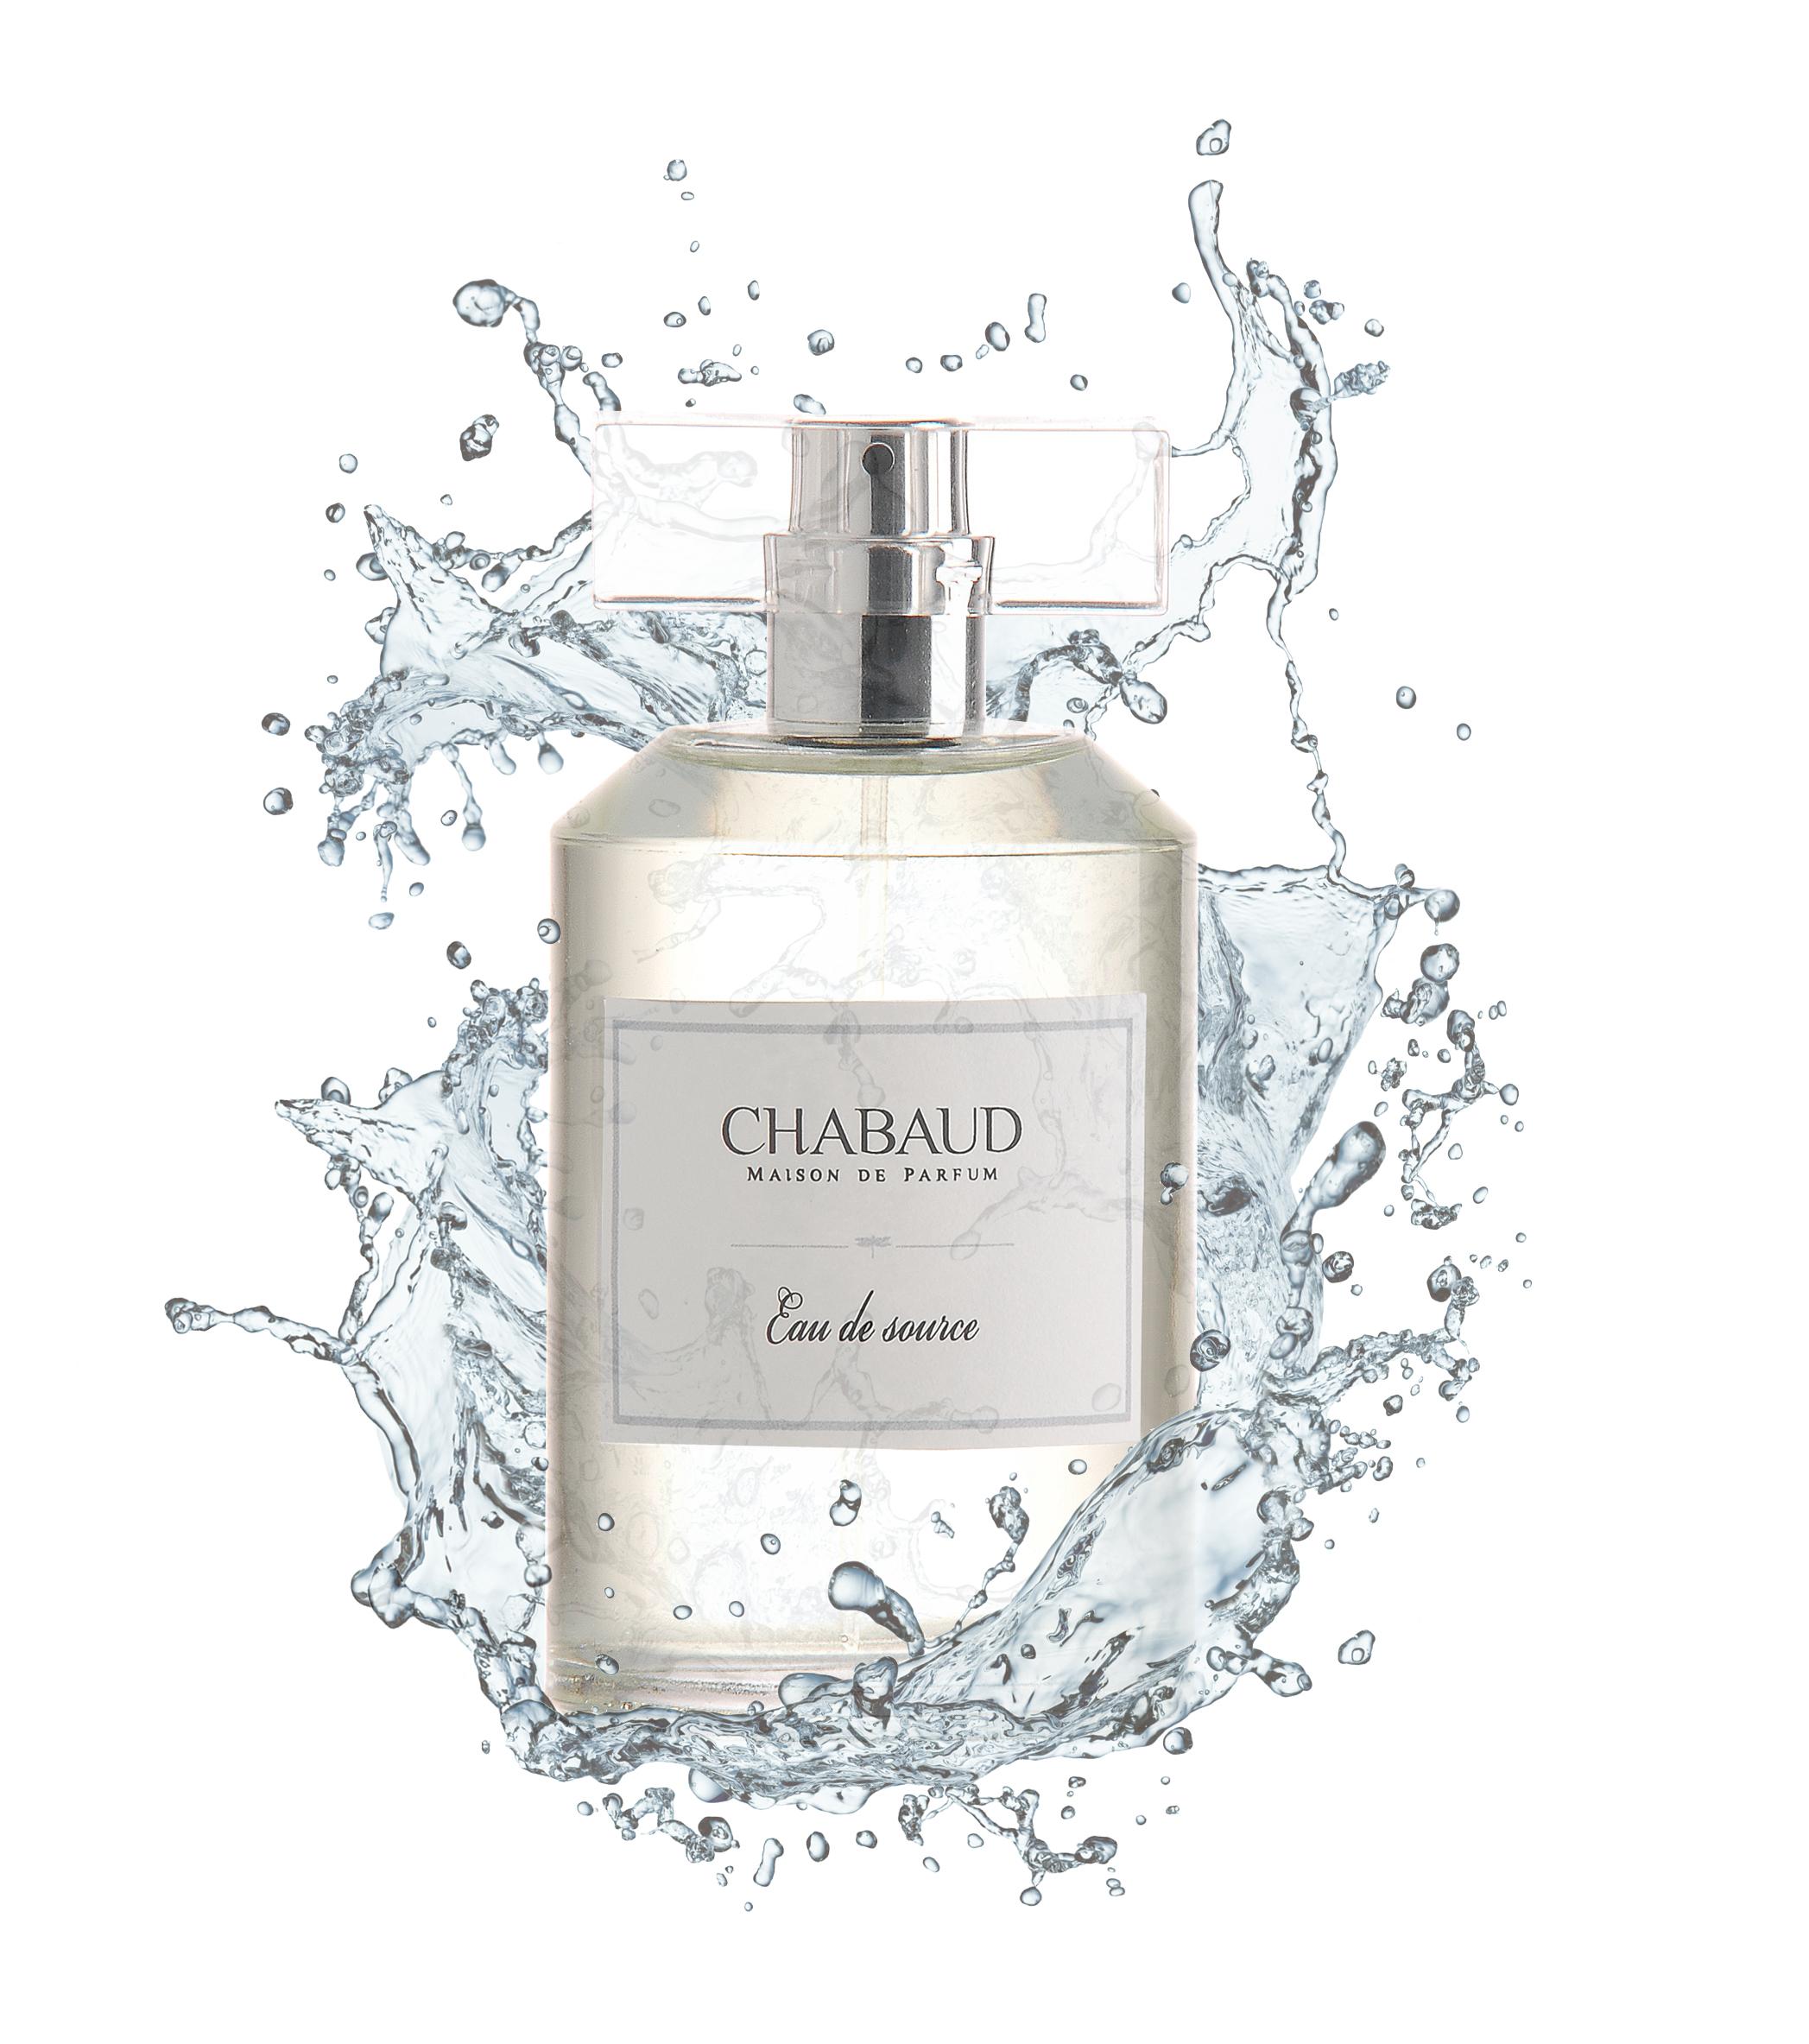 Eau de Source Chabaud Maison de Parfum - Innocenza.jpg